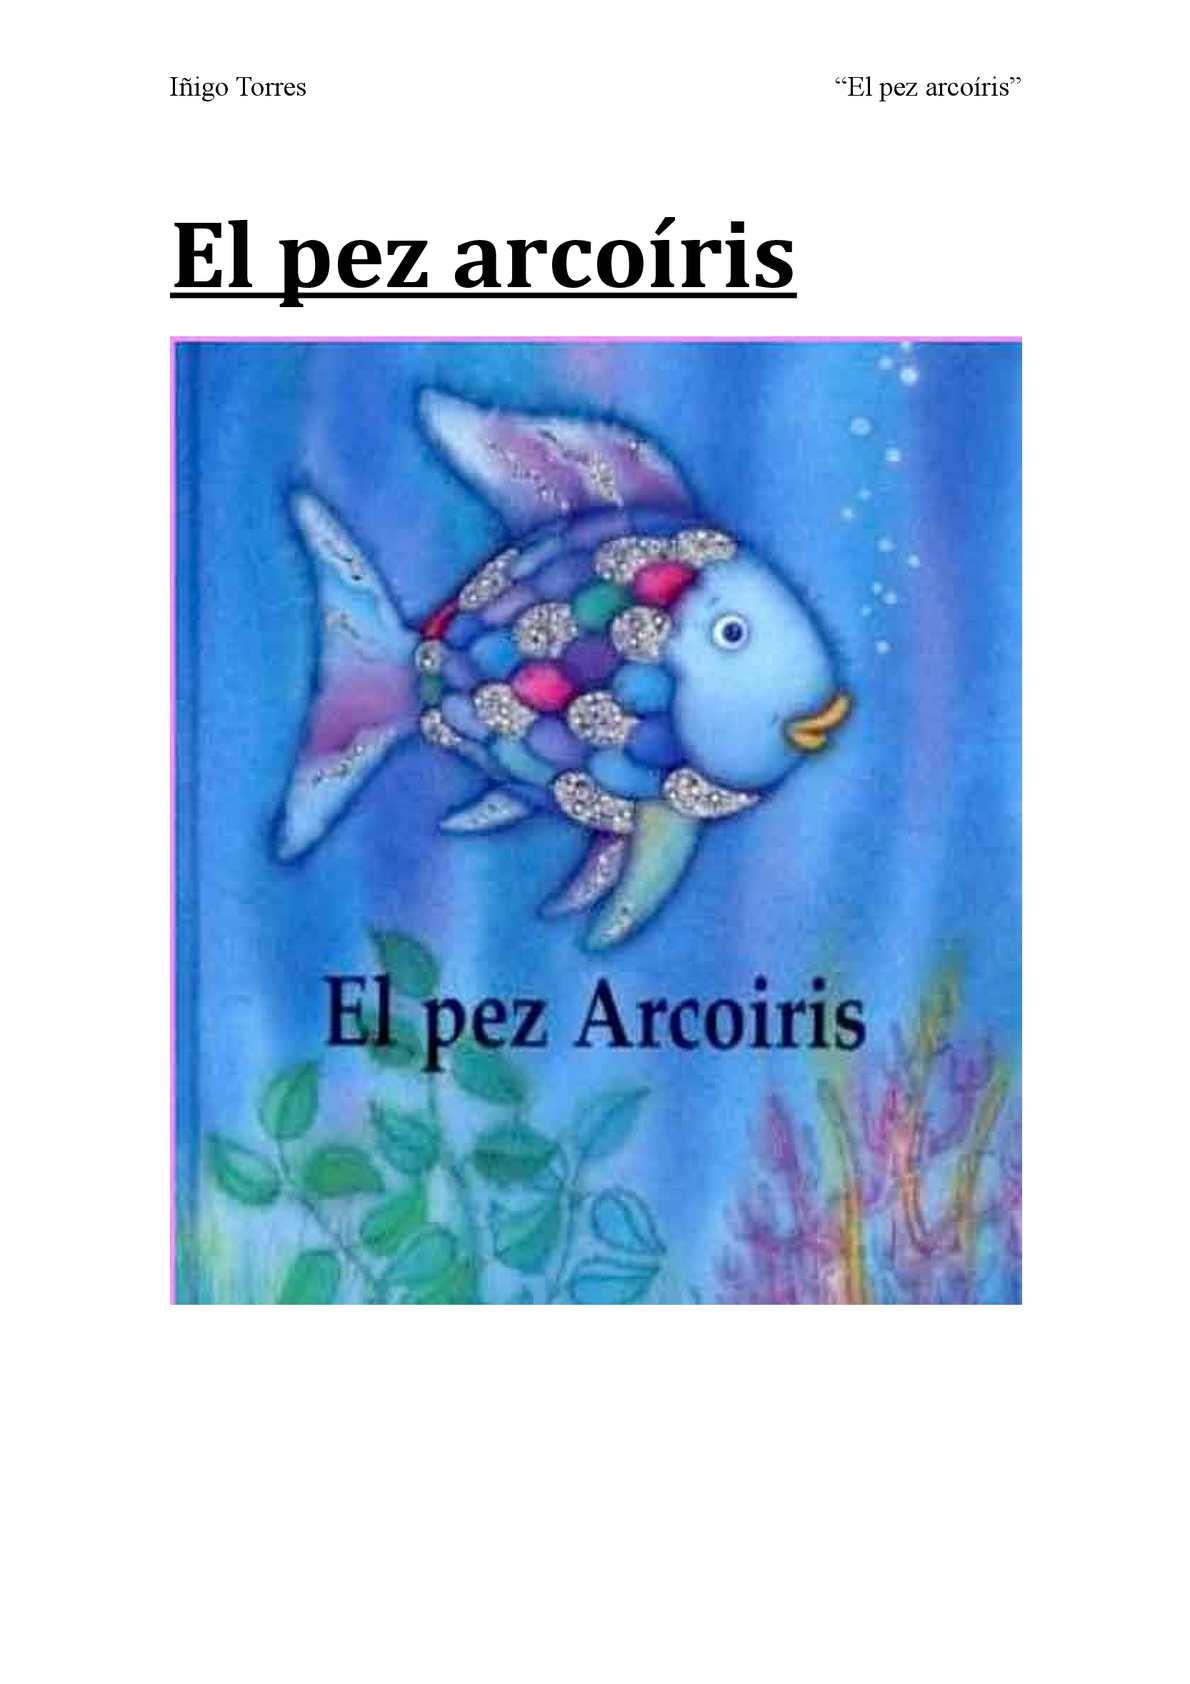 Cuento: El pez arcoíris